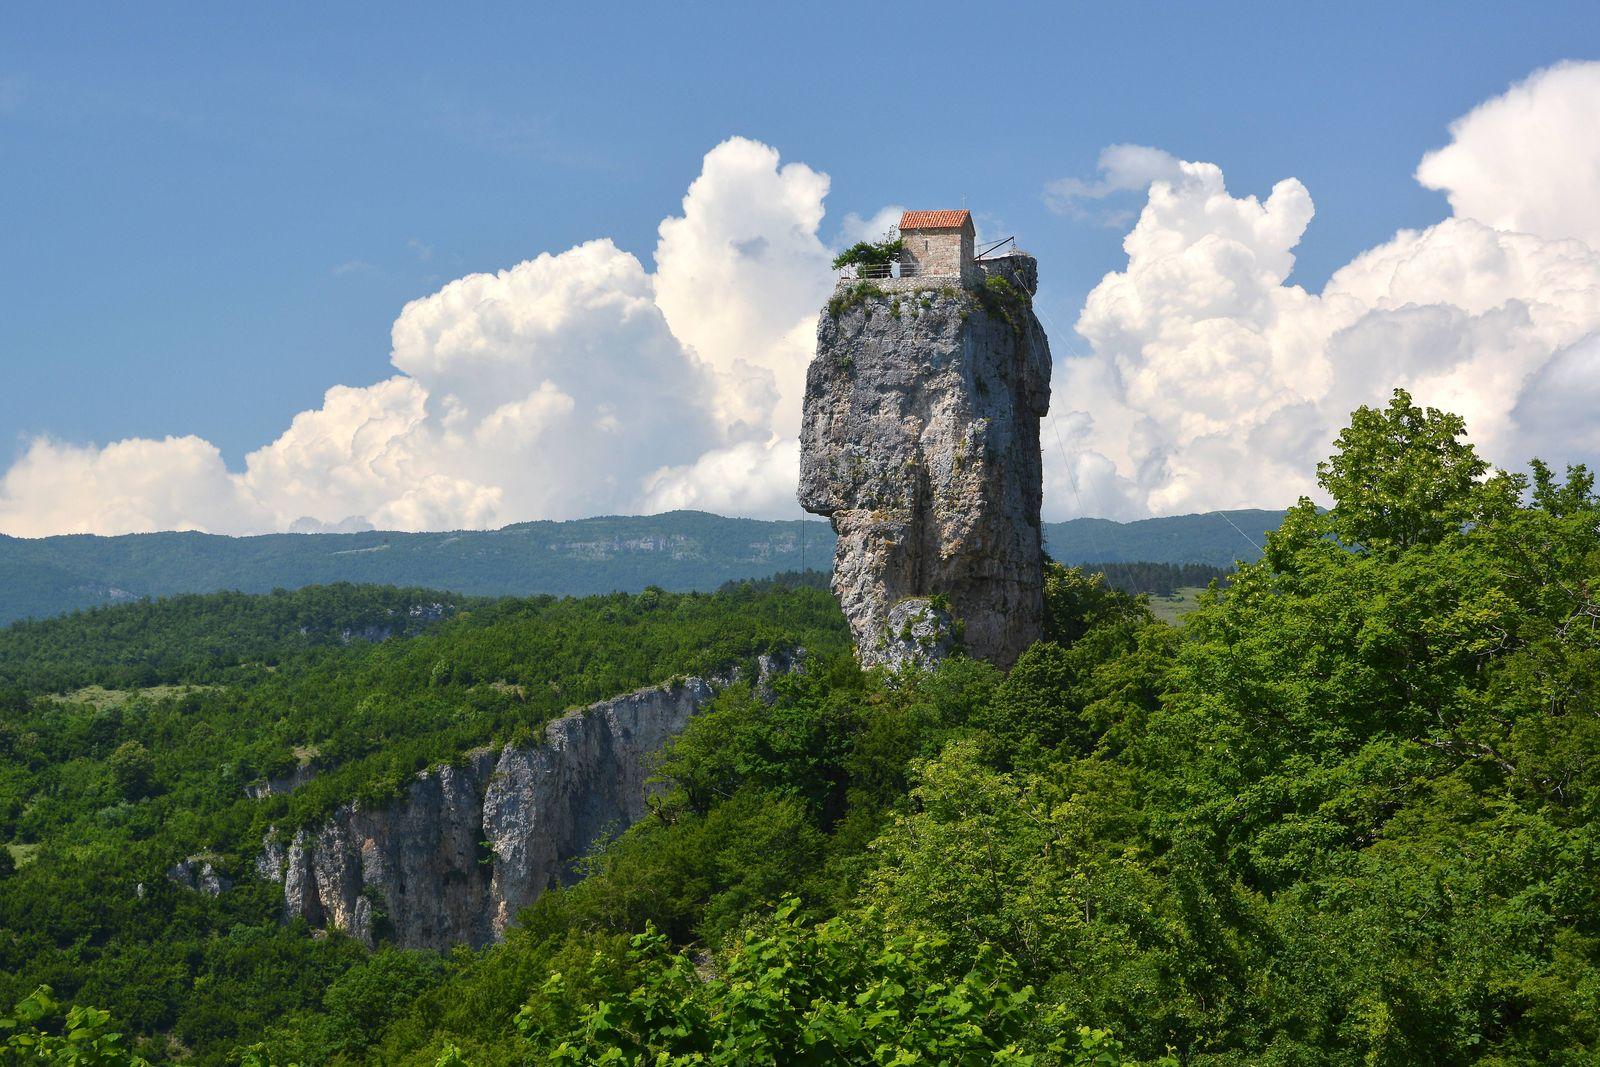 Einsiedelei eines Klosters auf dem Katskhi Fels oder Katskhi Säule bei Tschiatura Imeretien Georg